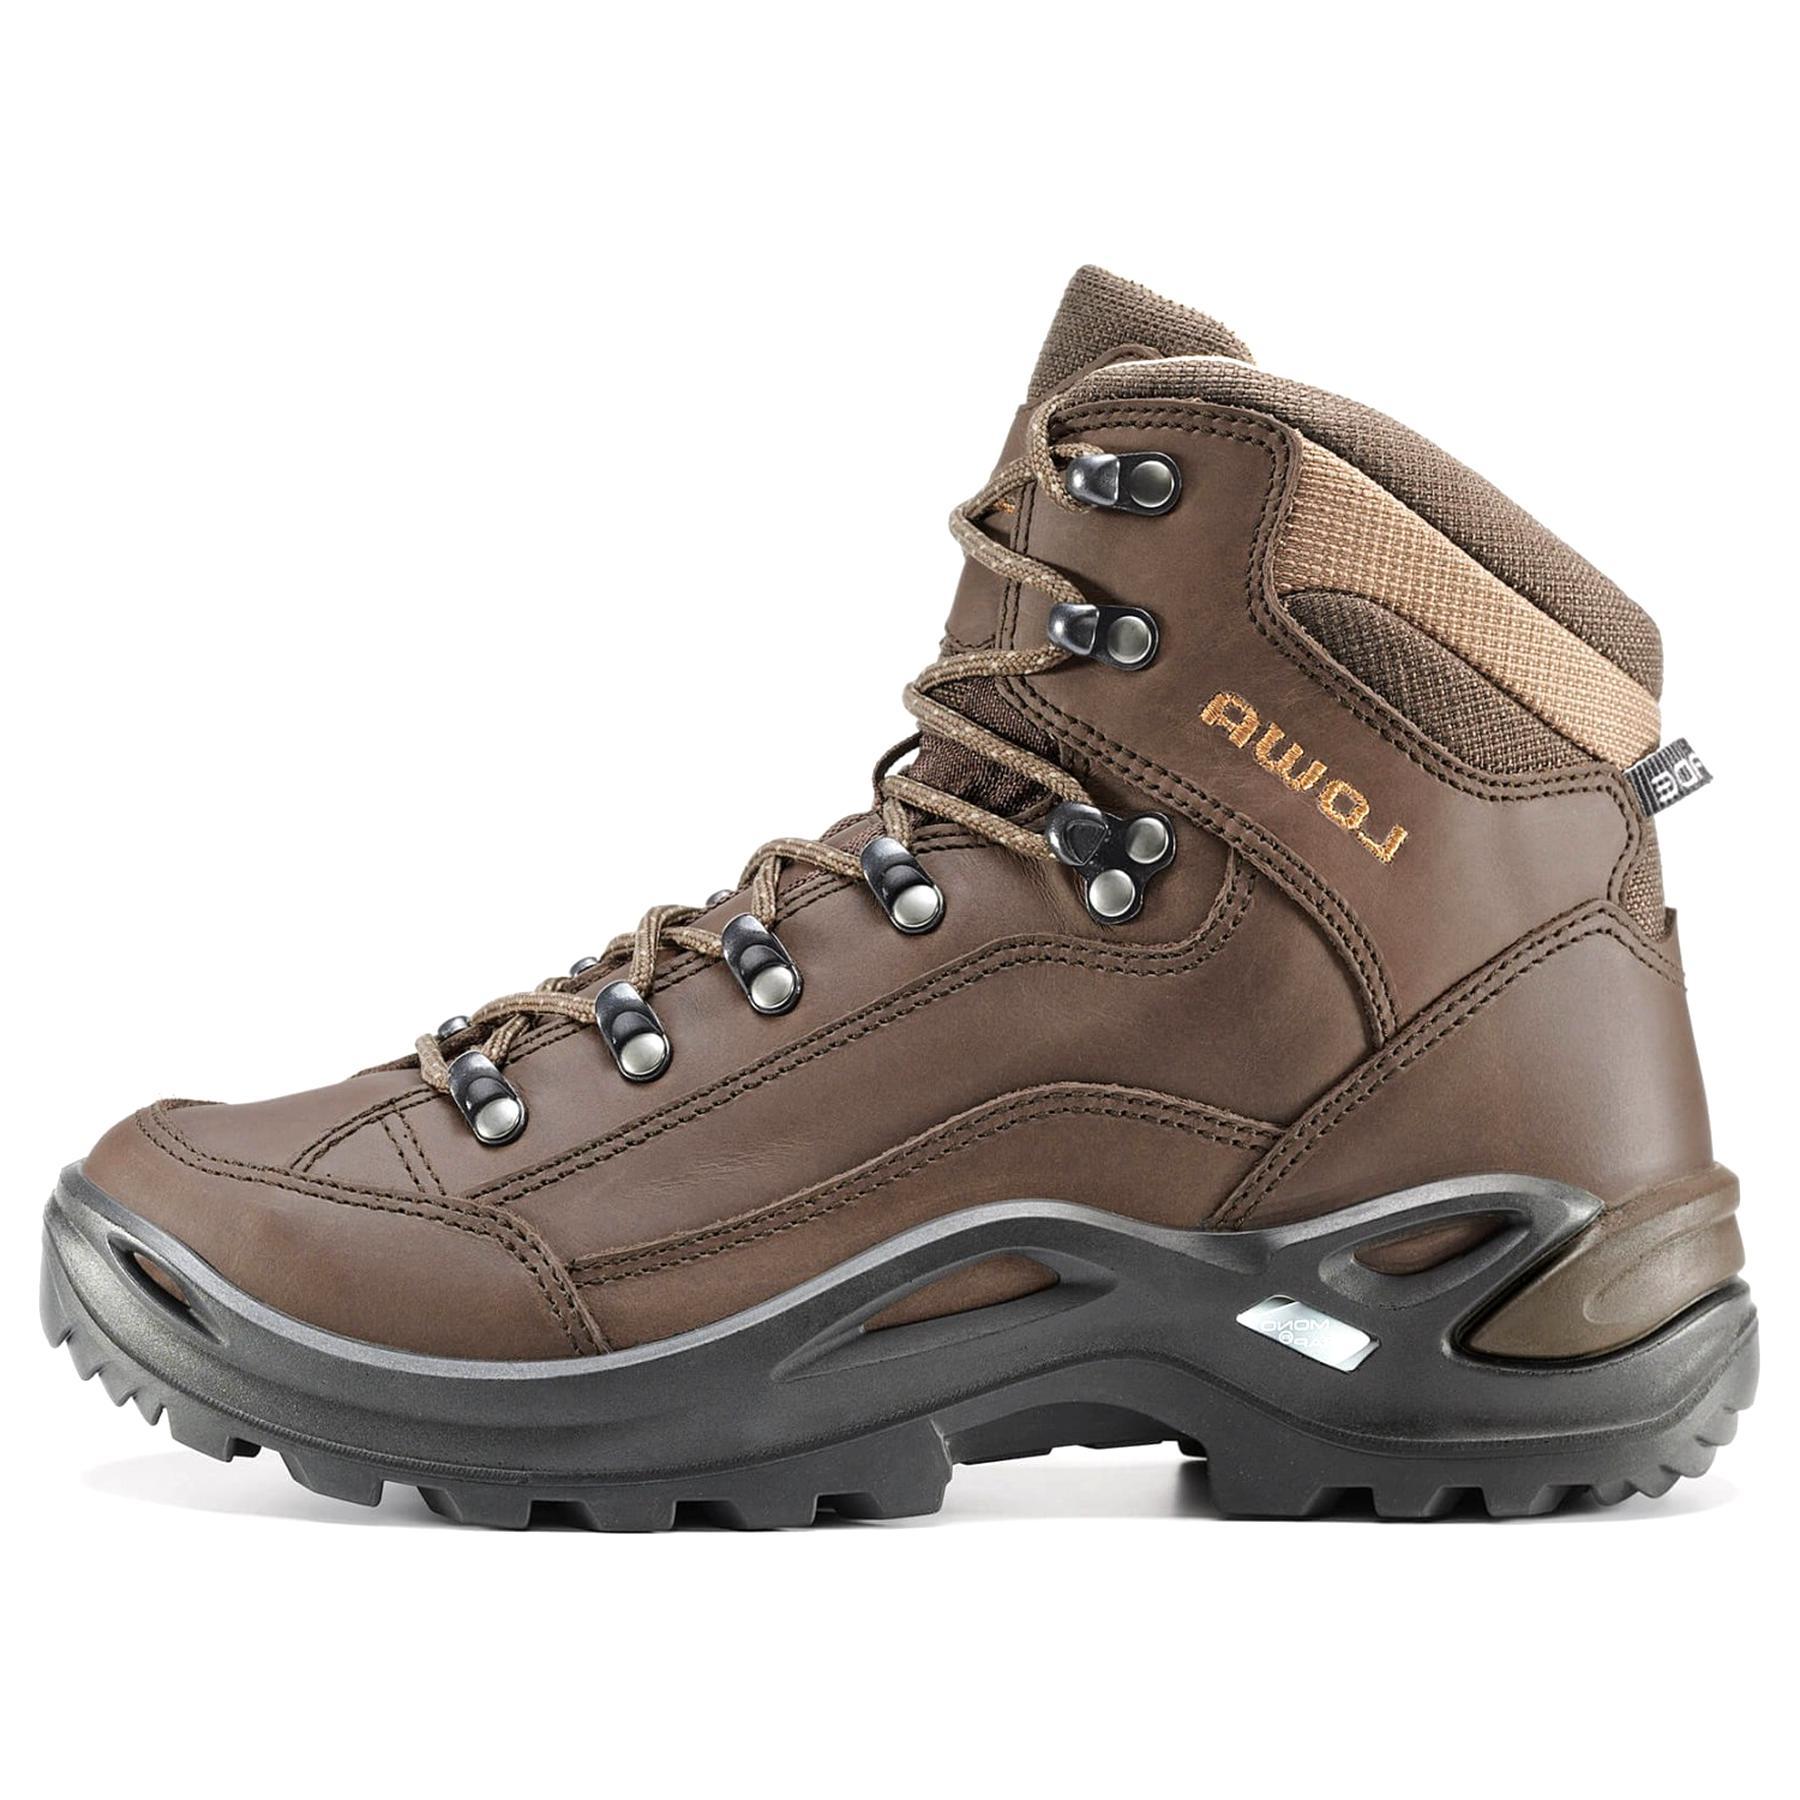 huge discount wholesale dealer sale Lowa Schuhe gebraucht kaufen! Nur noch 4 St. bis -65% günstiger